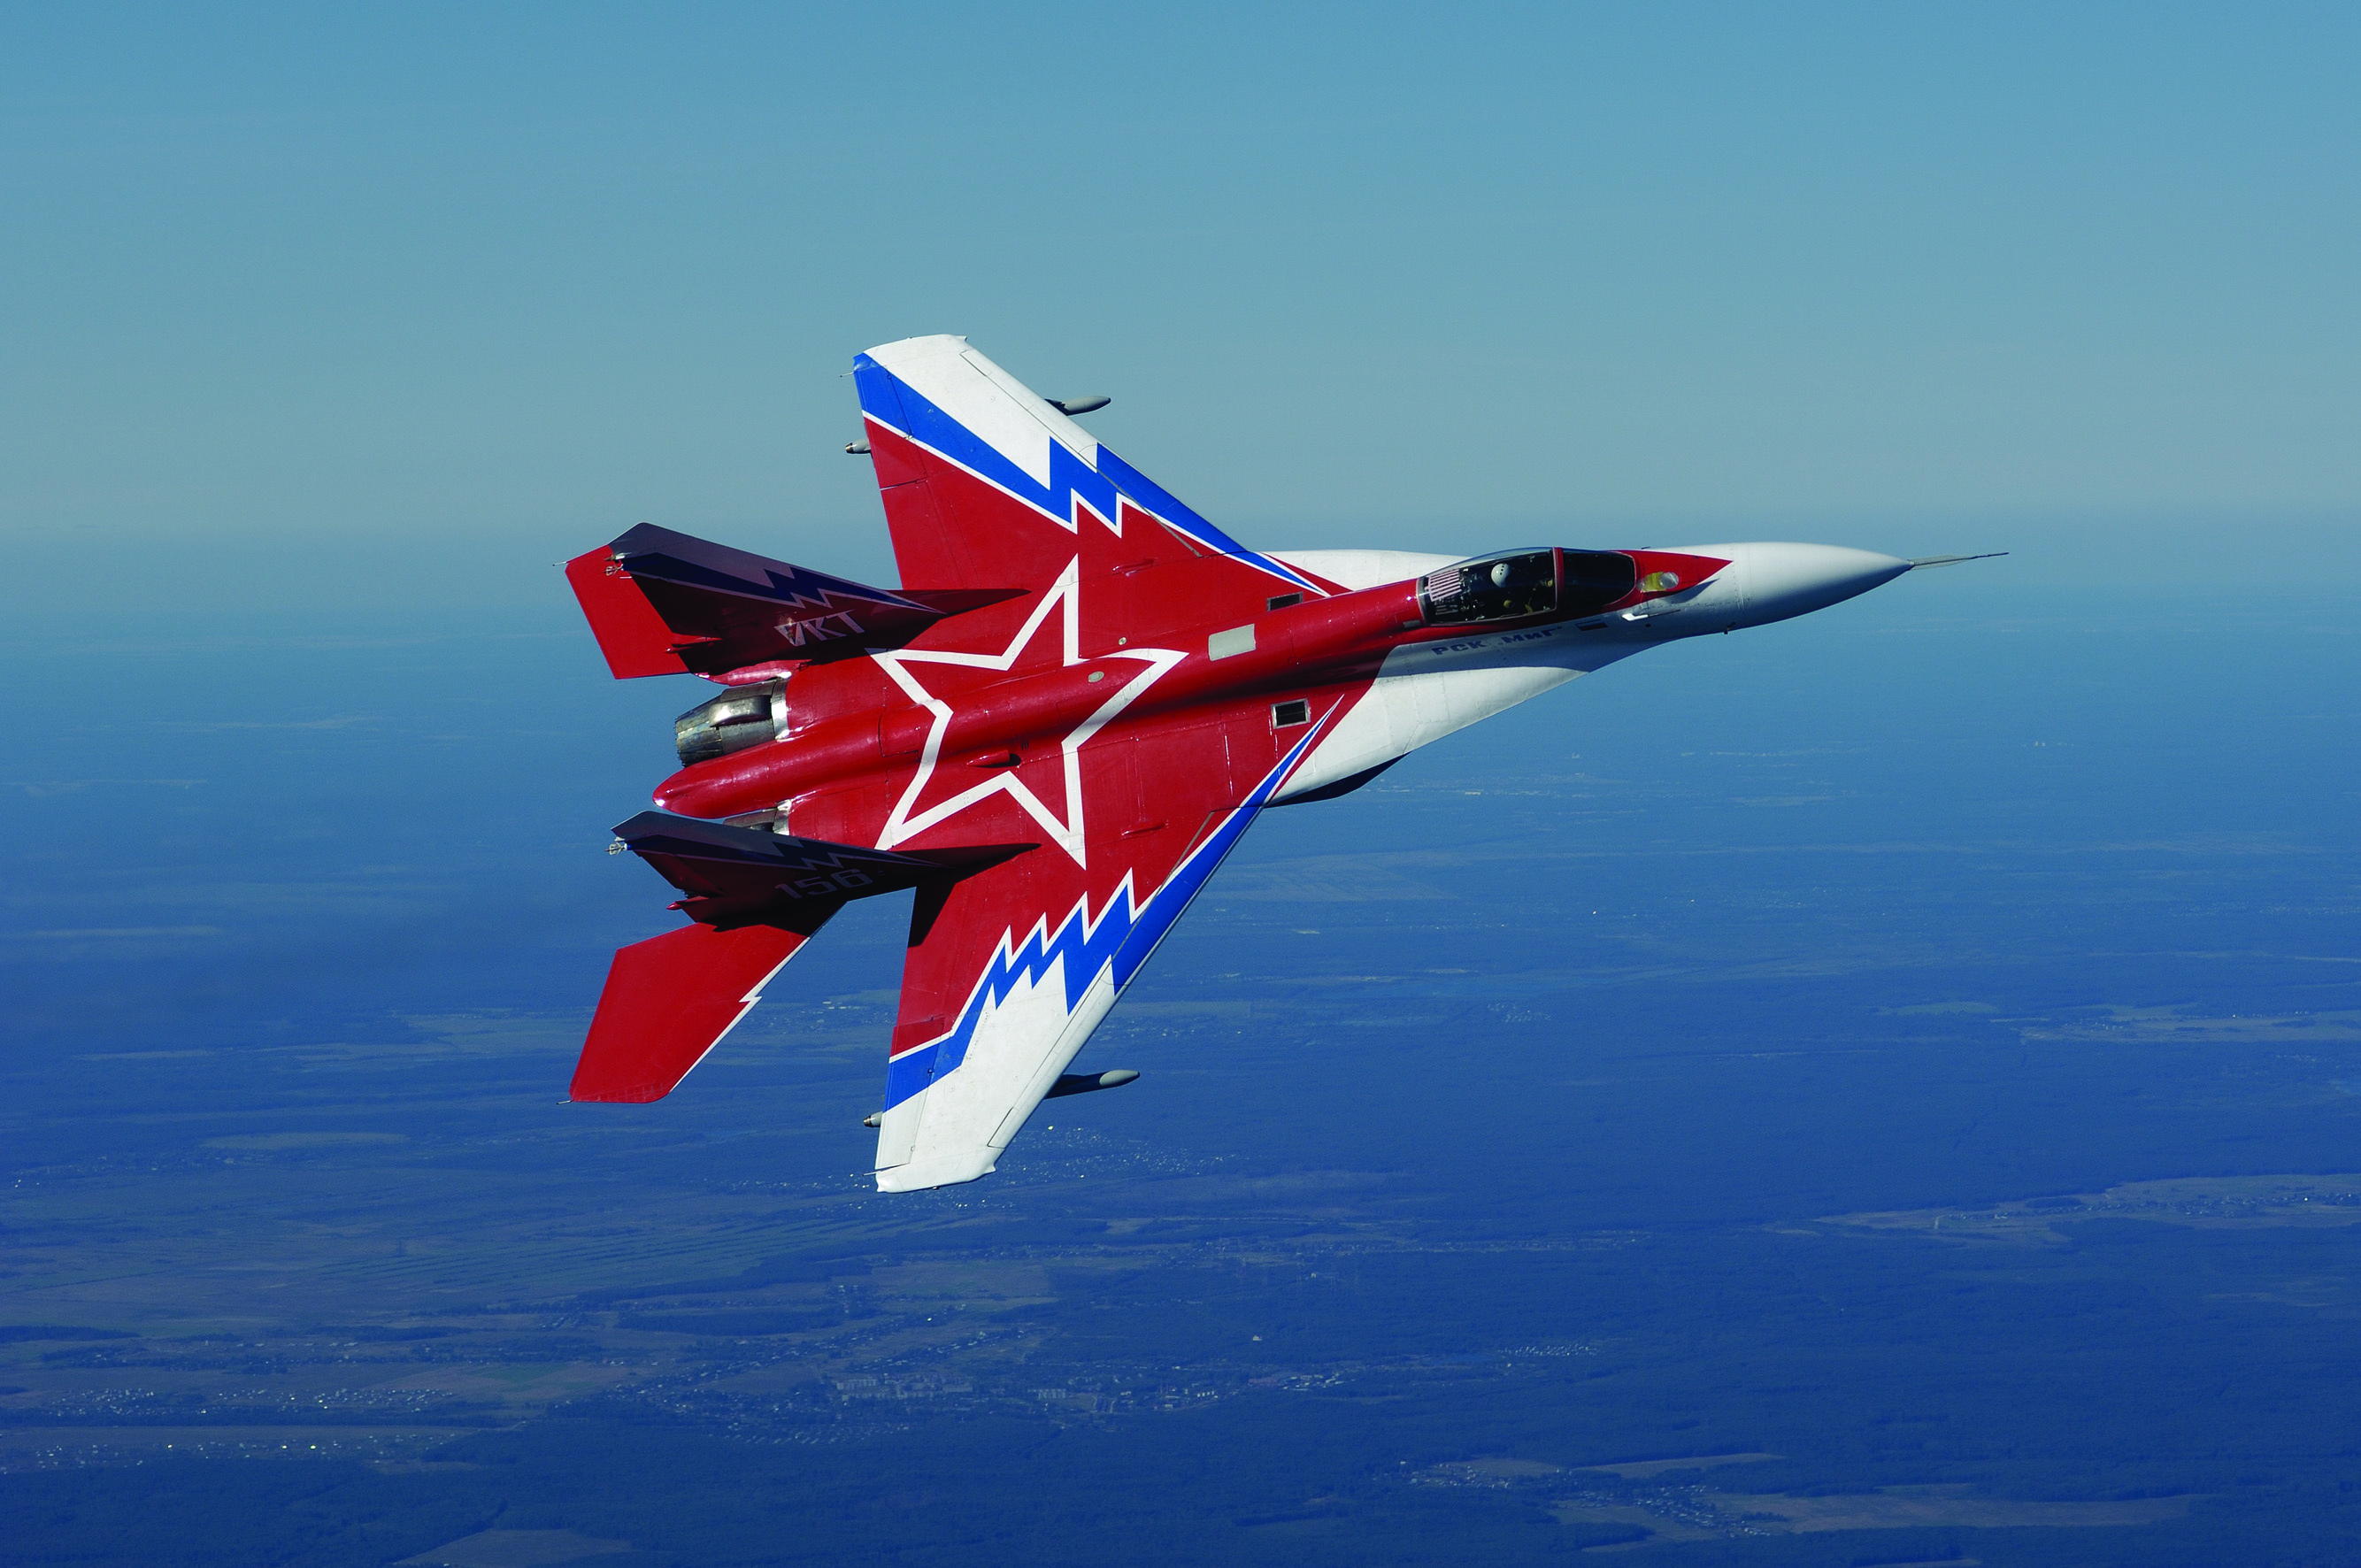 продаже квартир фото российских самолетов с названиями контейнеров